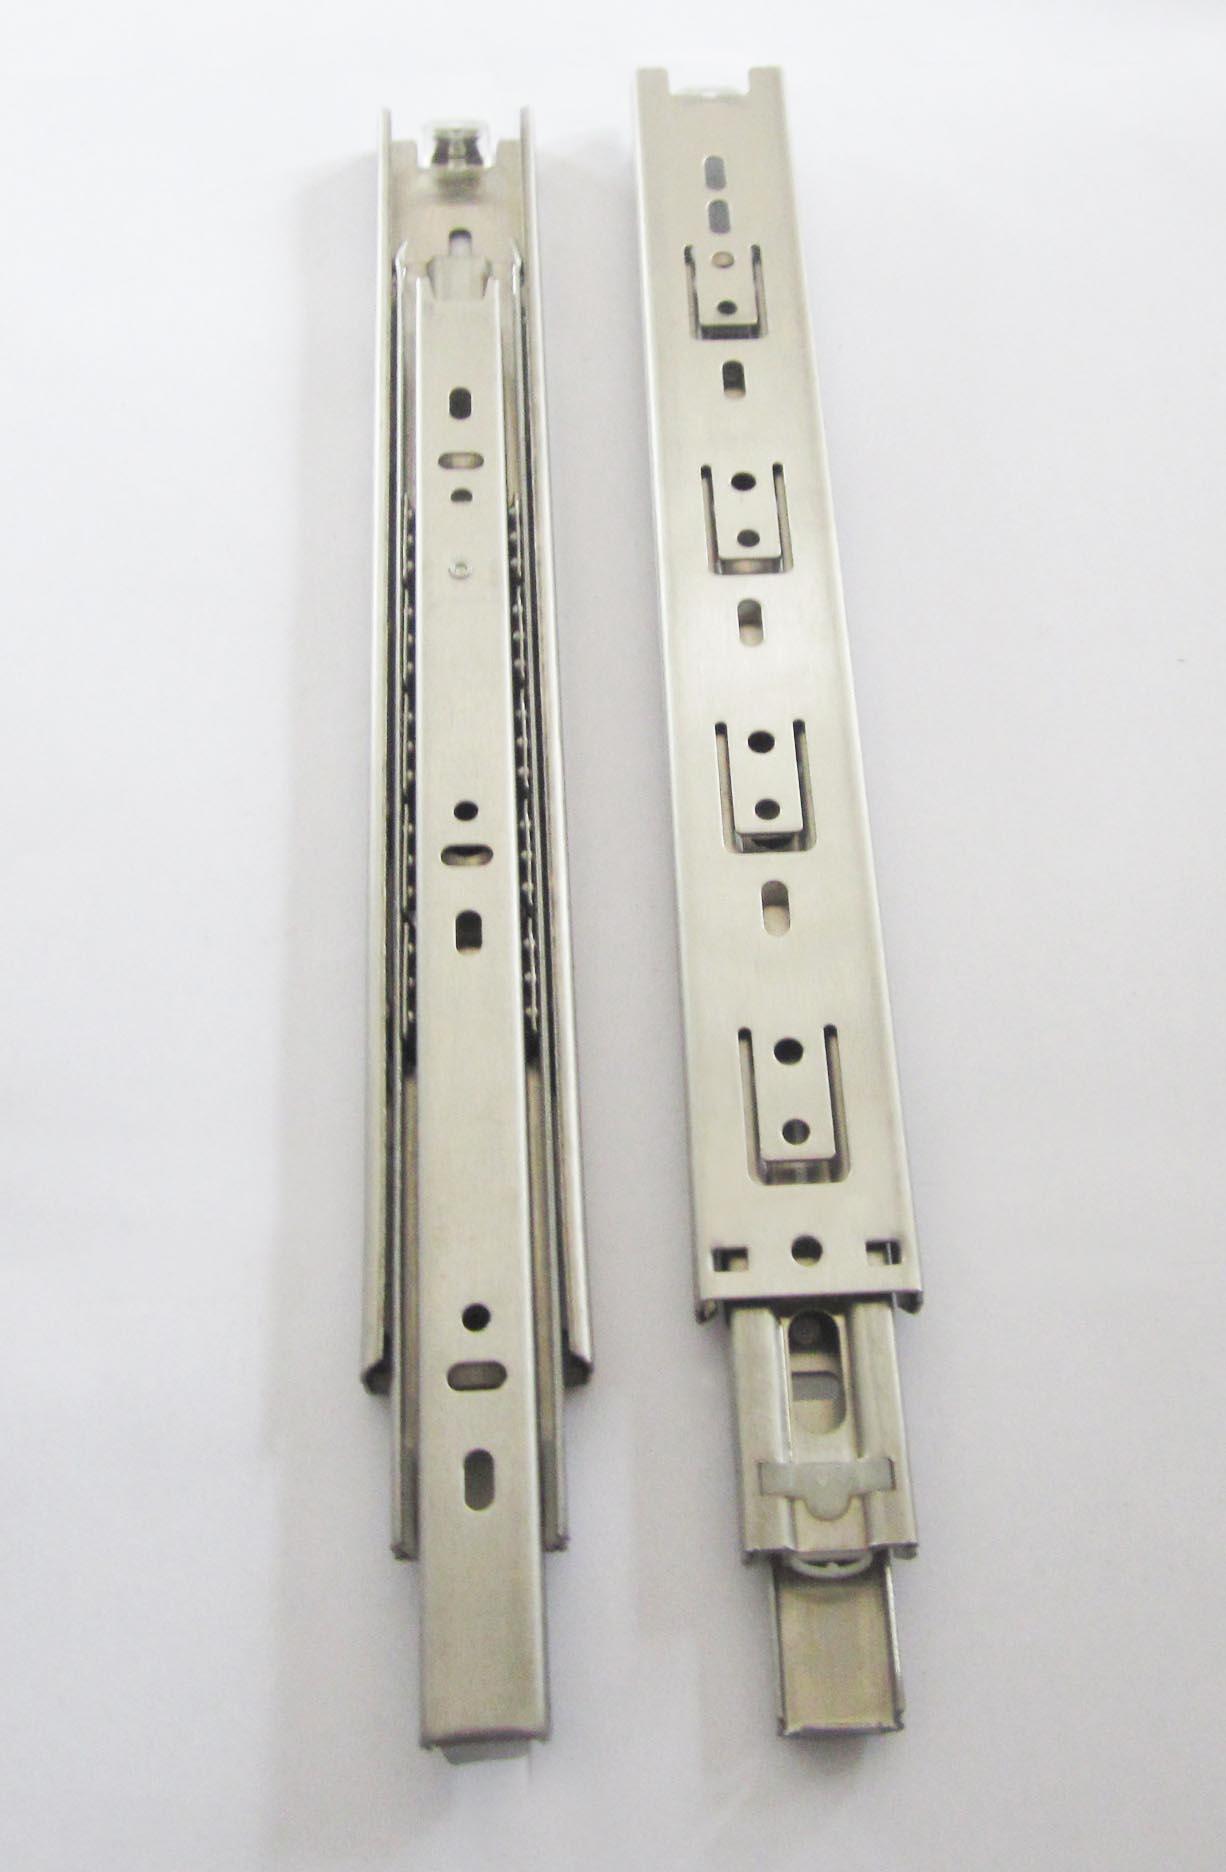 佛山润徽公司-不锈钢家具钢珠导轨35宽三节不锈钢滑轨